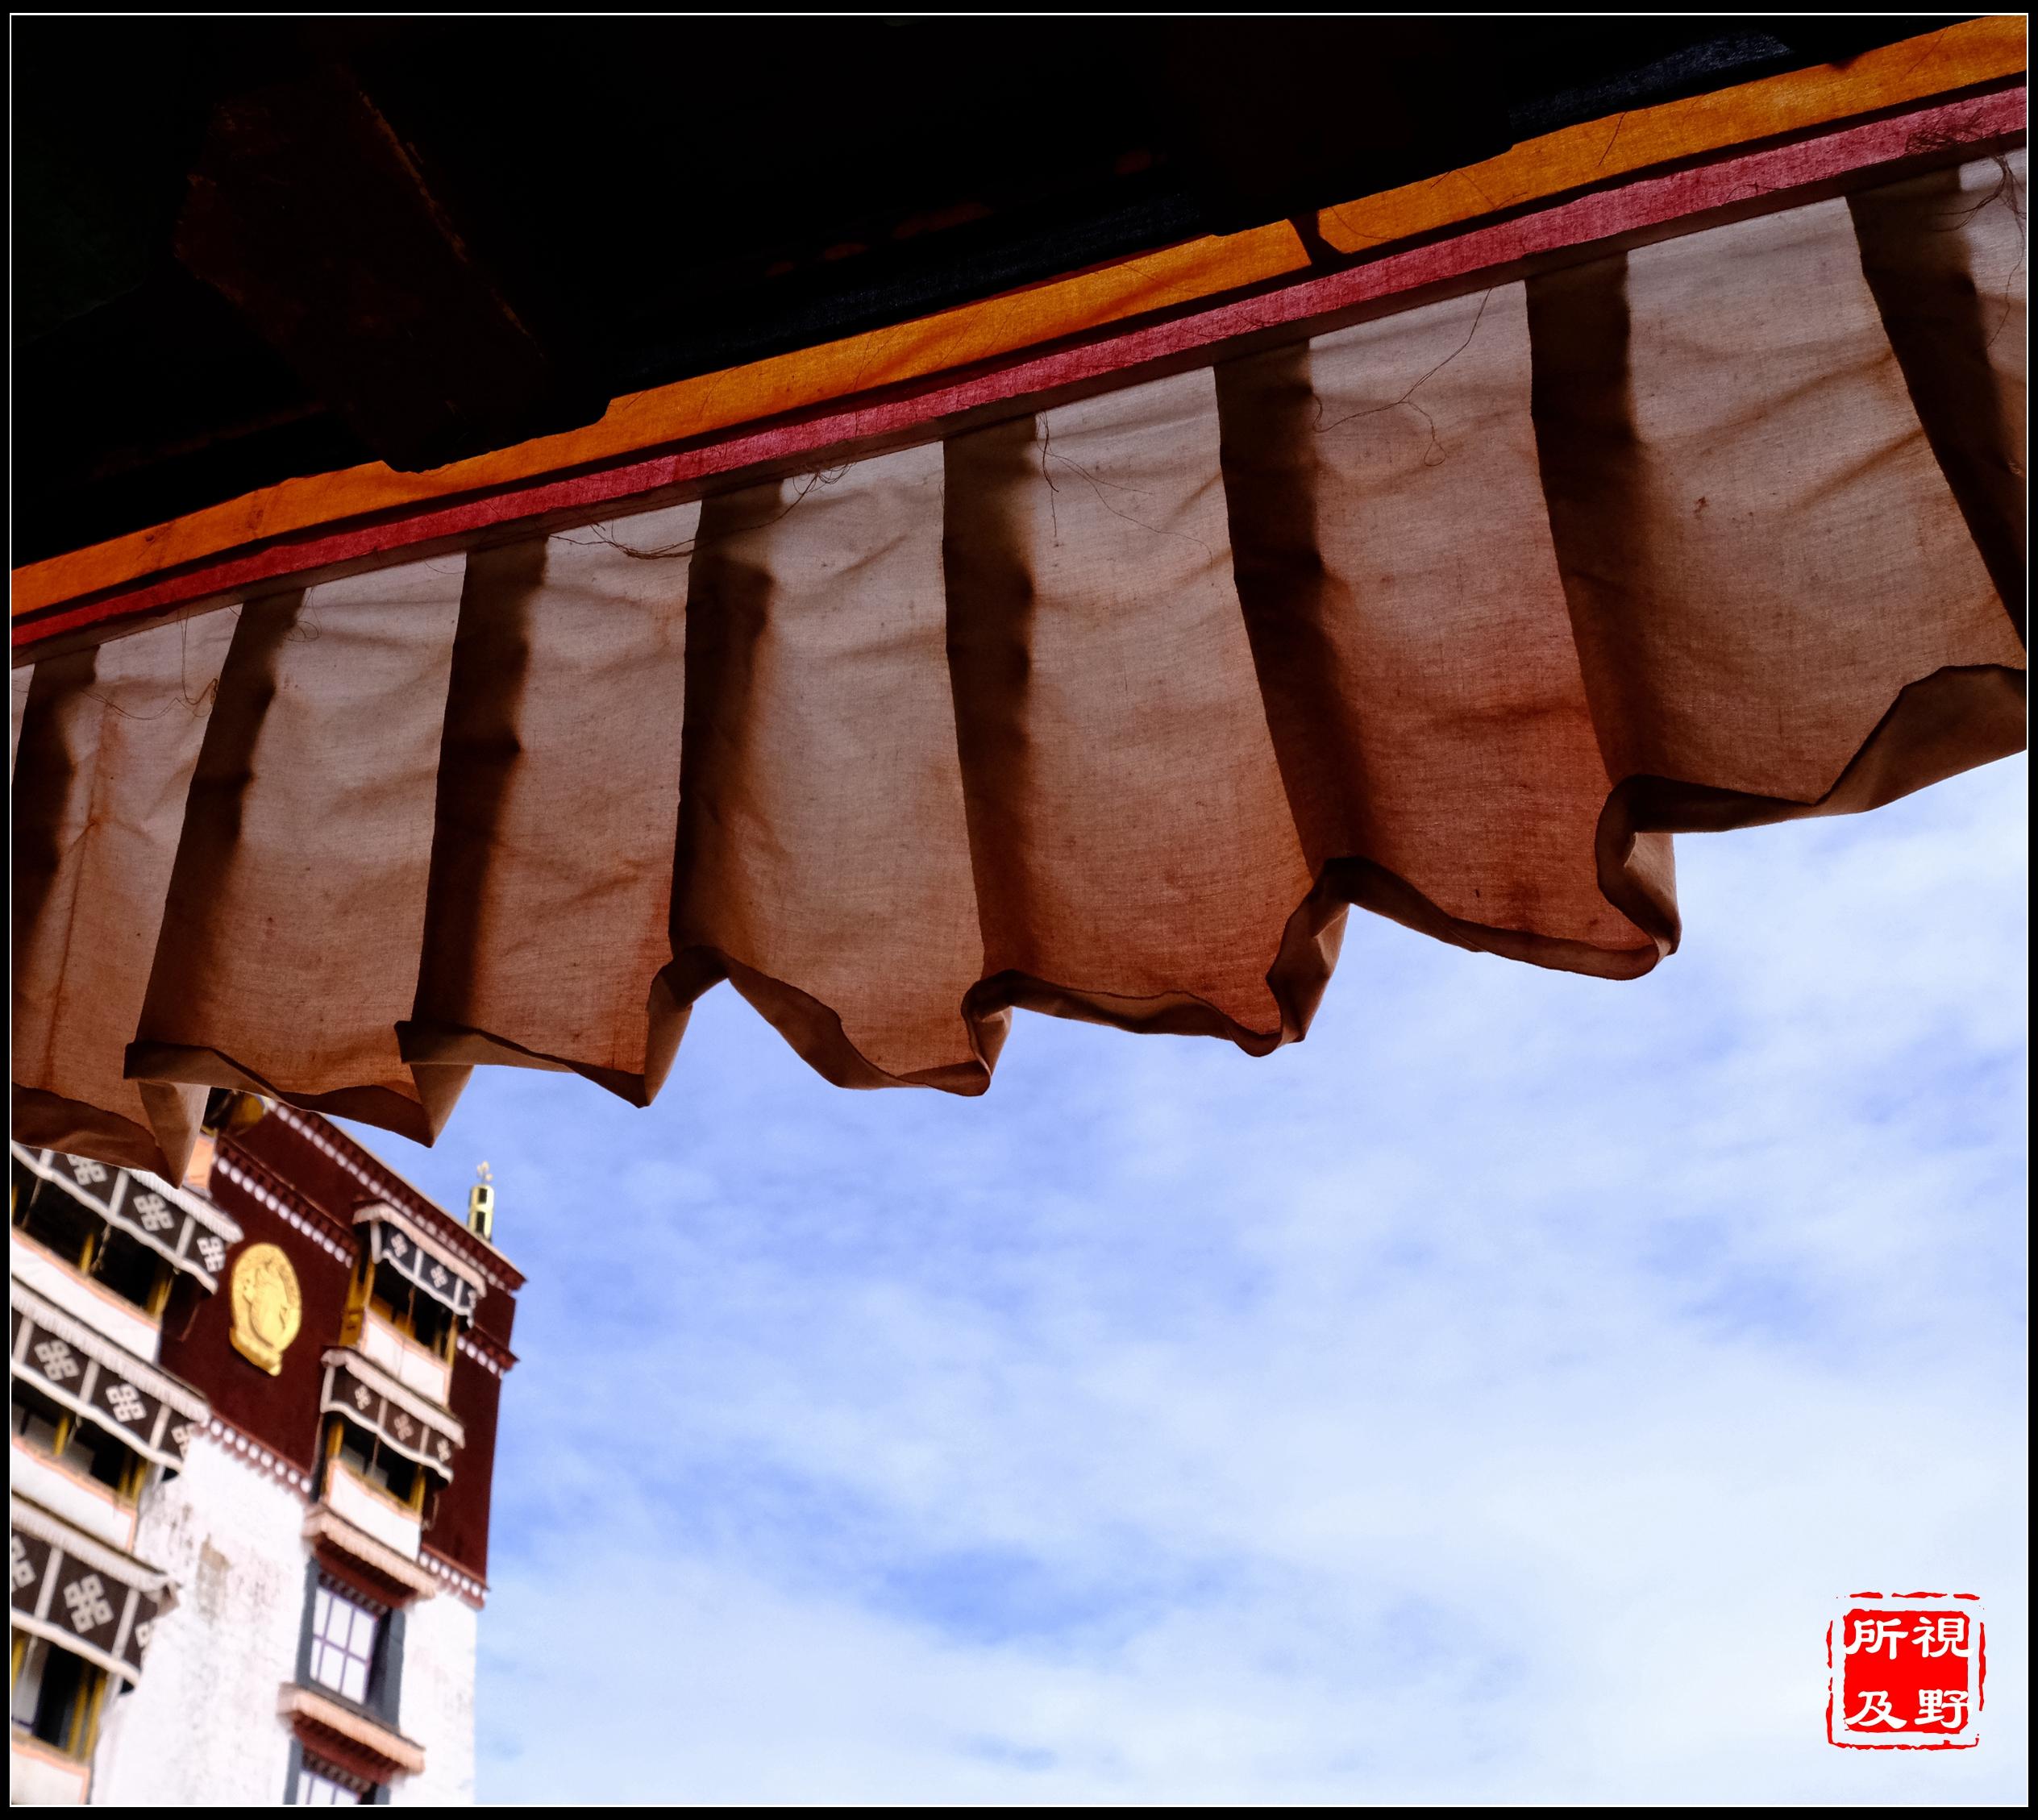 风吹幡动 在西藏是心动